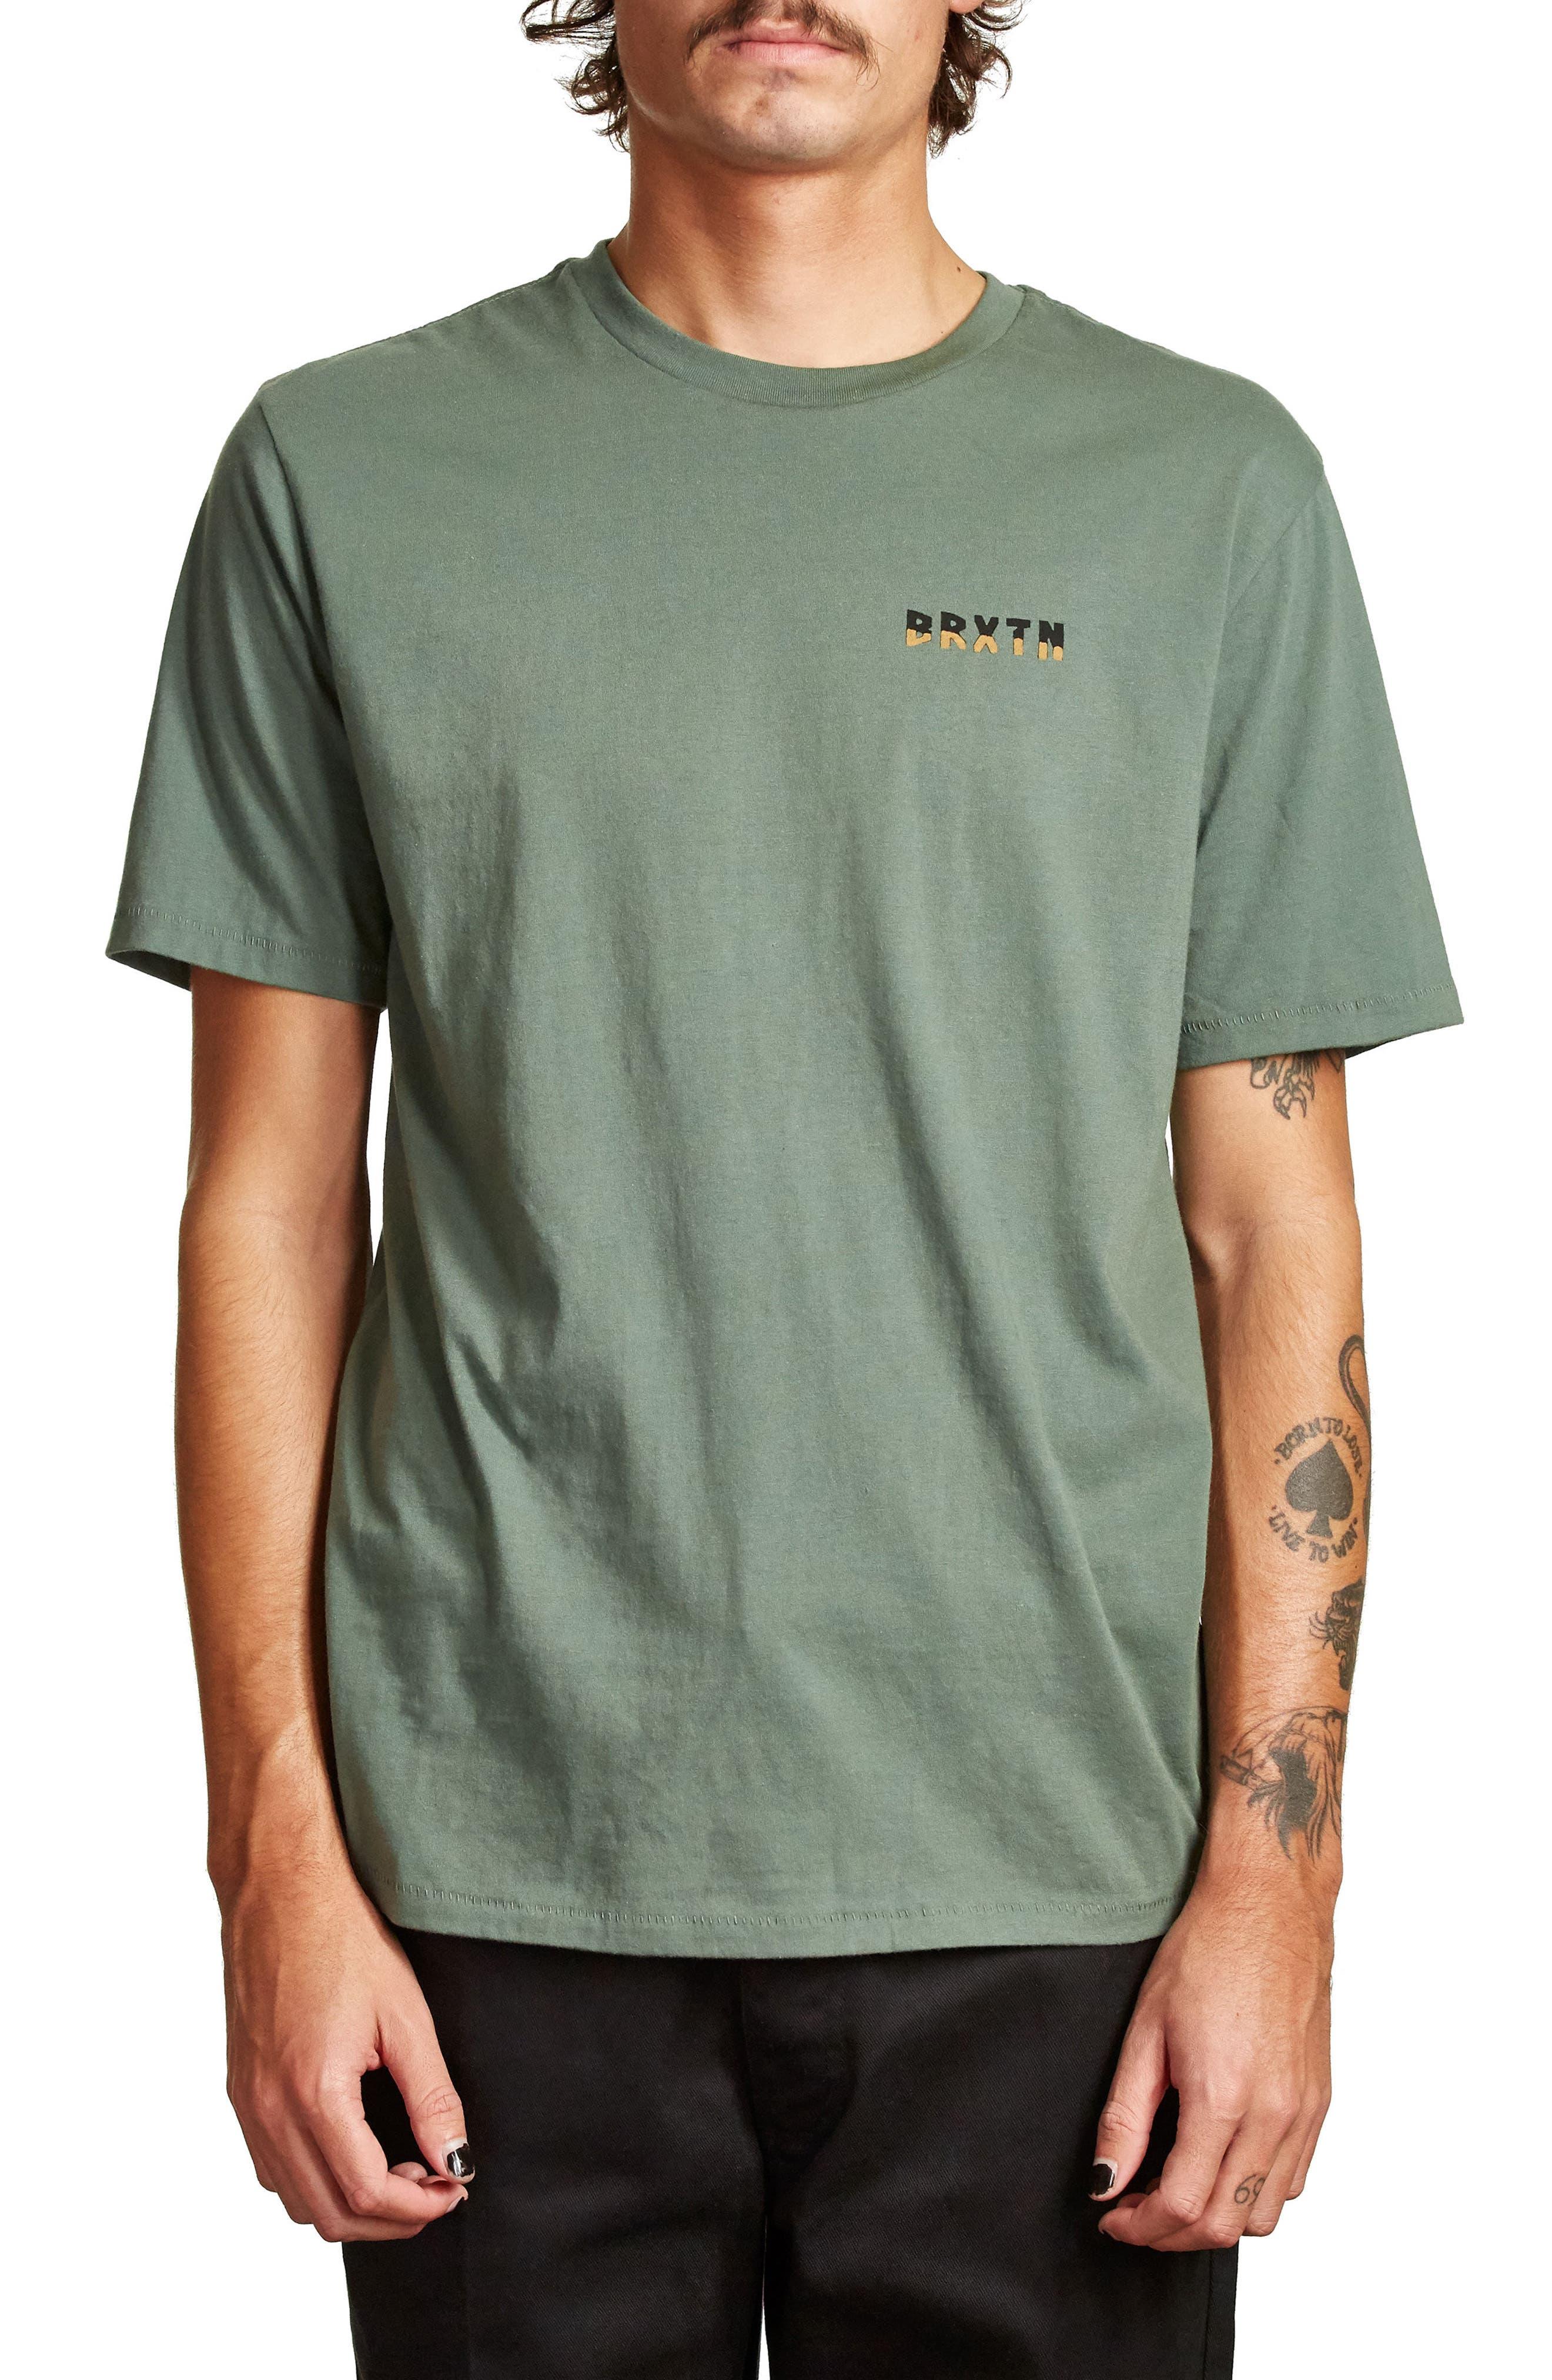 Escalada T-Shirt,                             Main thumbnail 1, color,                             Washed Chive